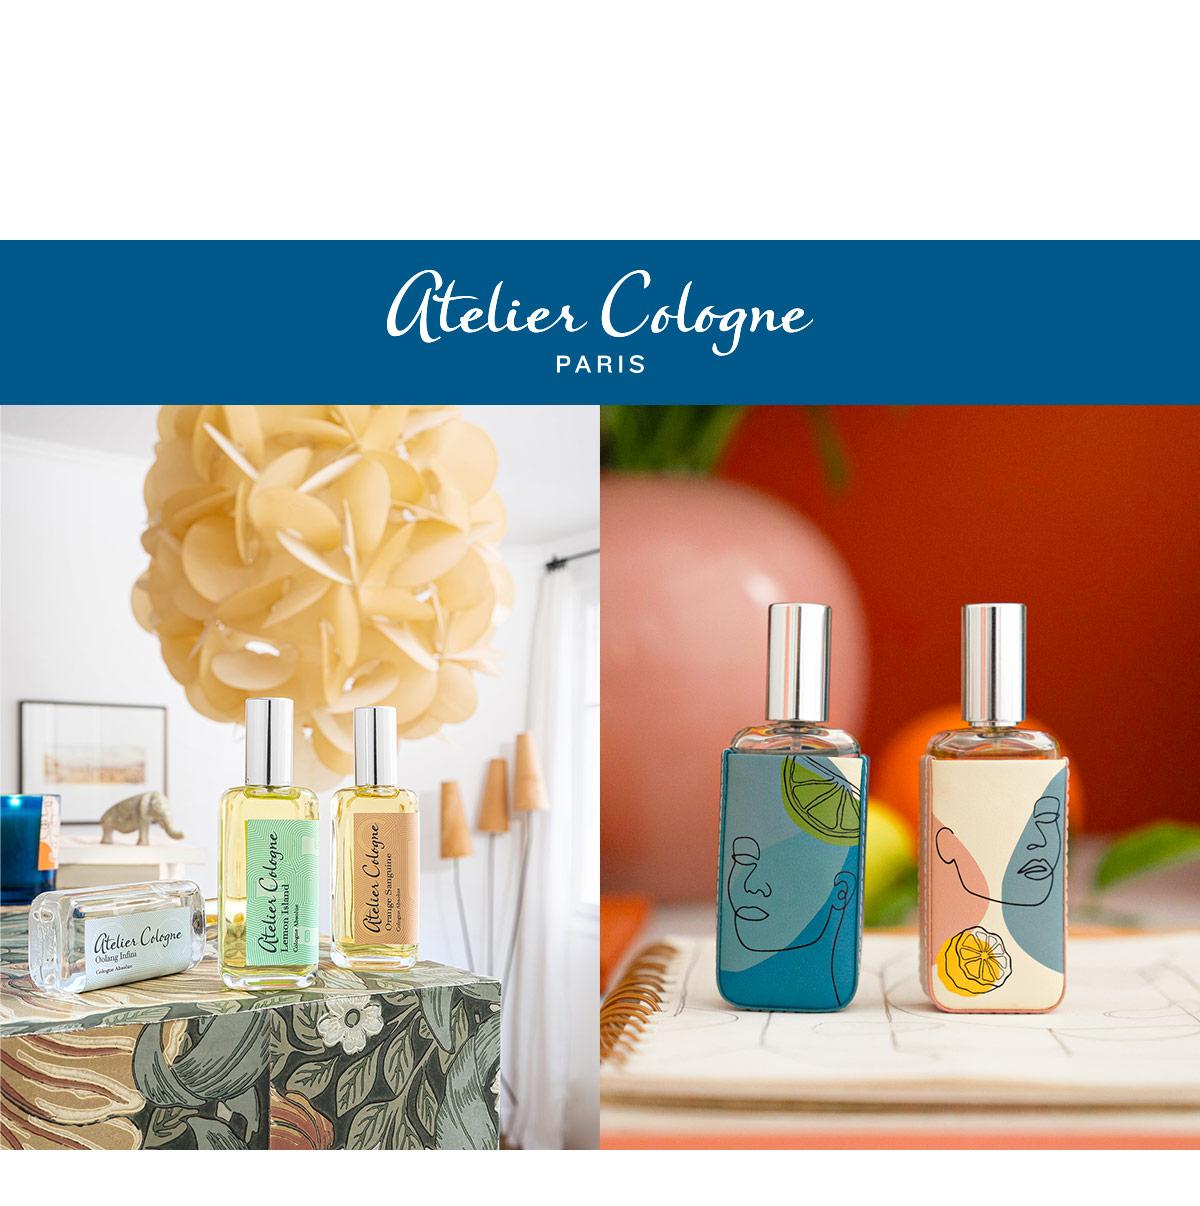 Custodia in pelle per profumo da 30 ml in regalo con un acquisto Atelier Cologne superiore a 49 €. Scegli tra diverse varianti nel carrello.